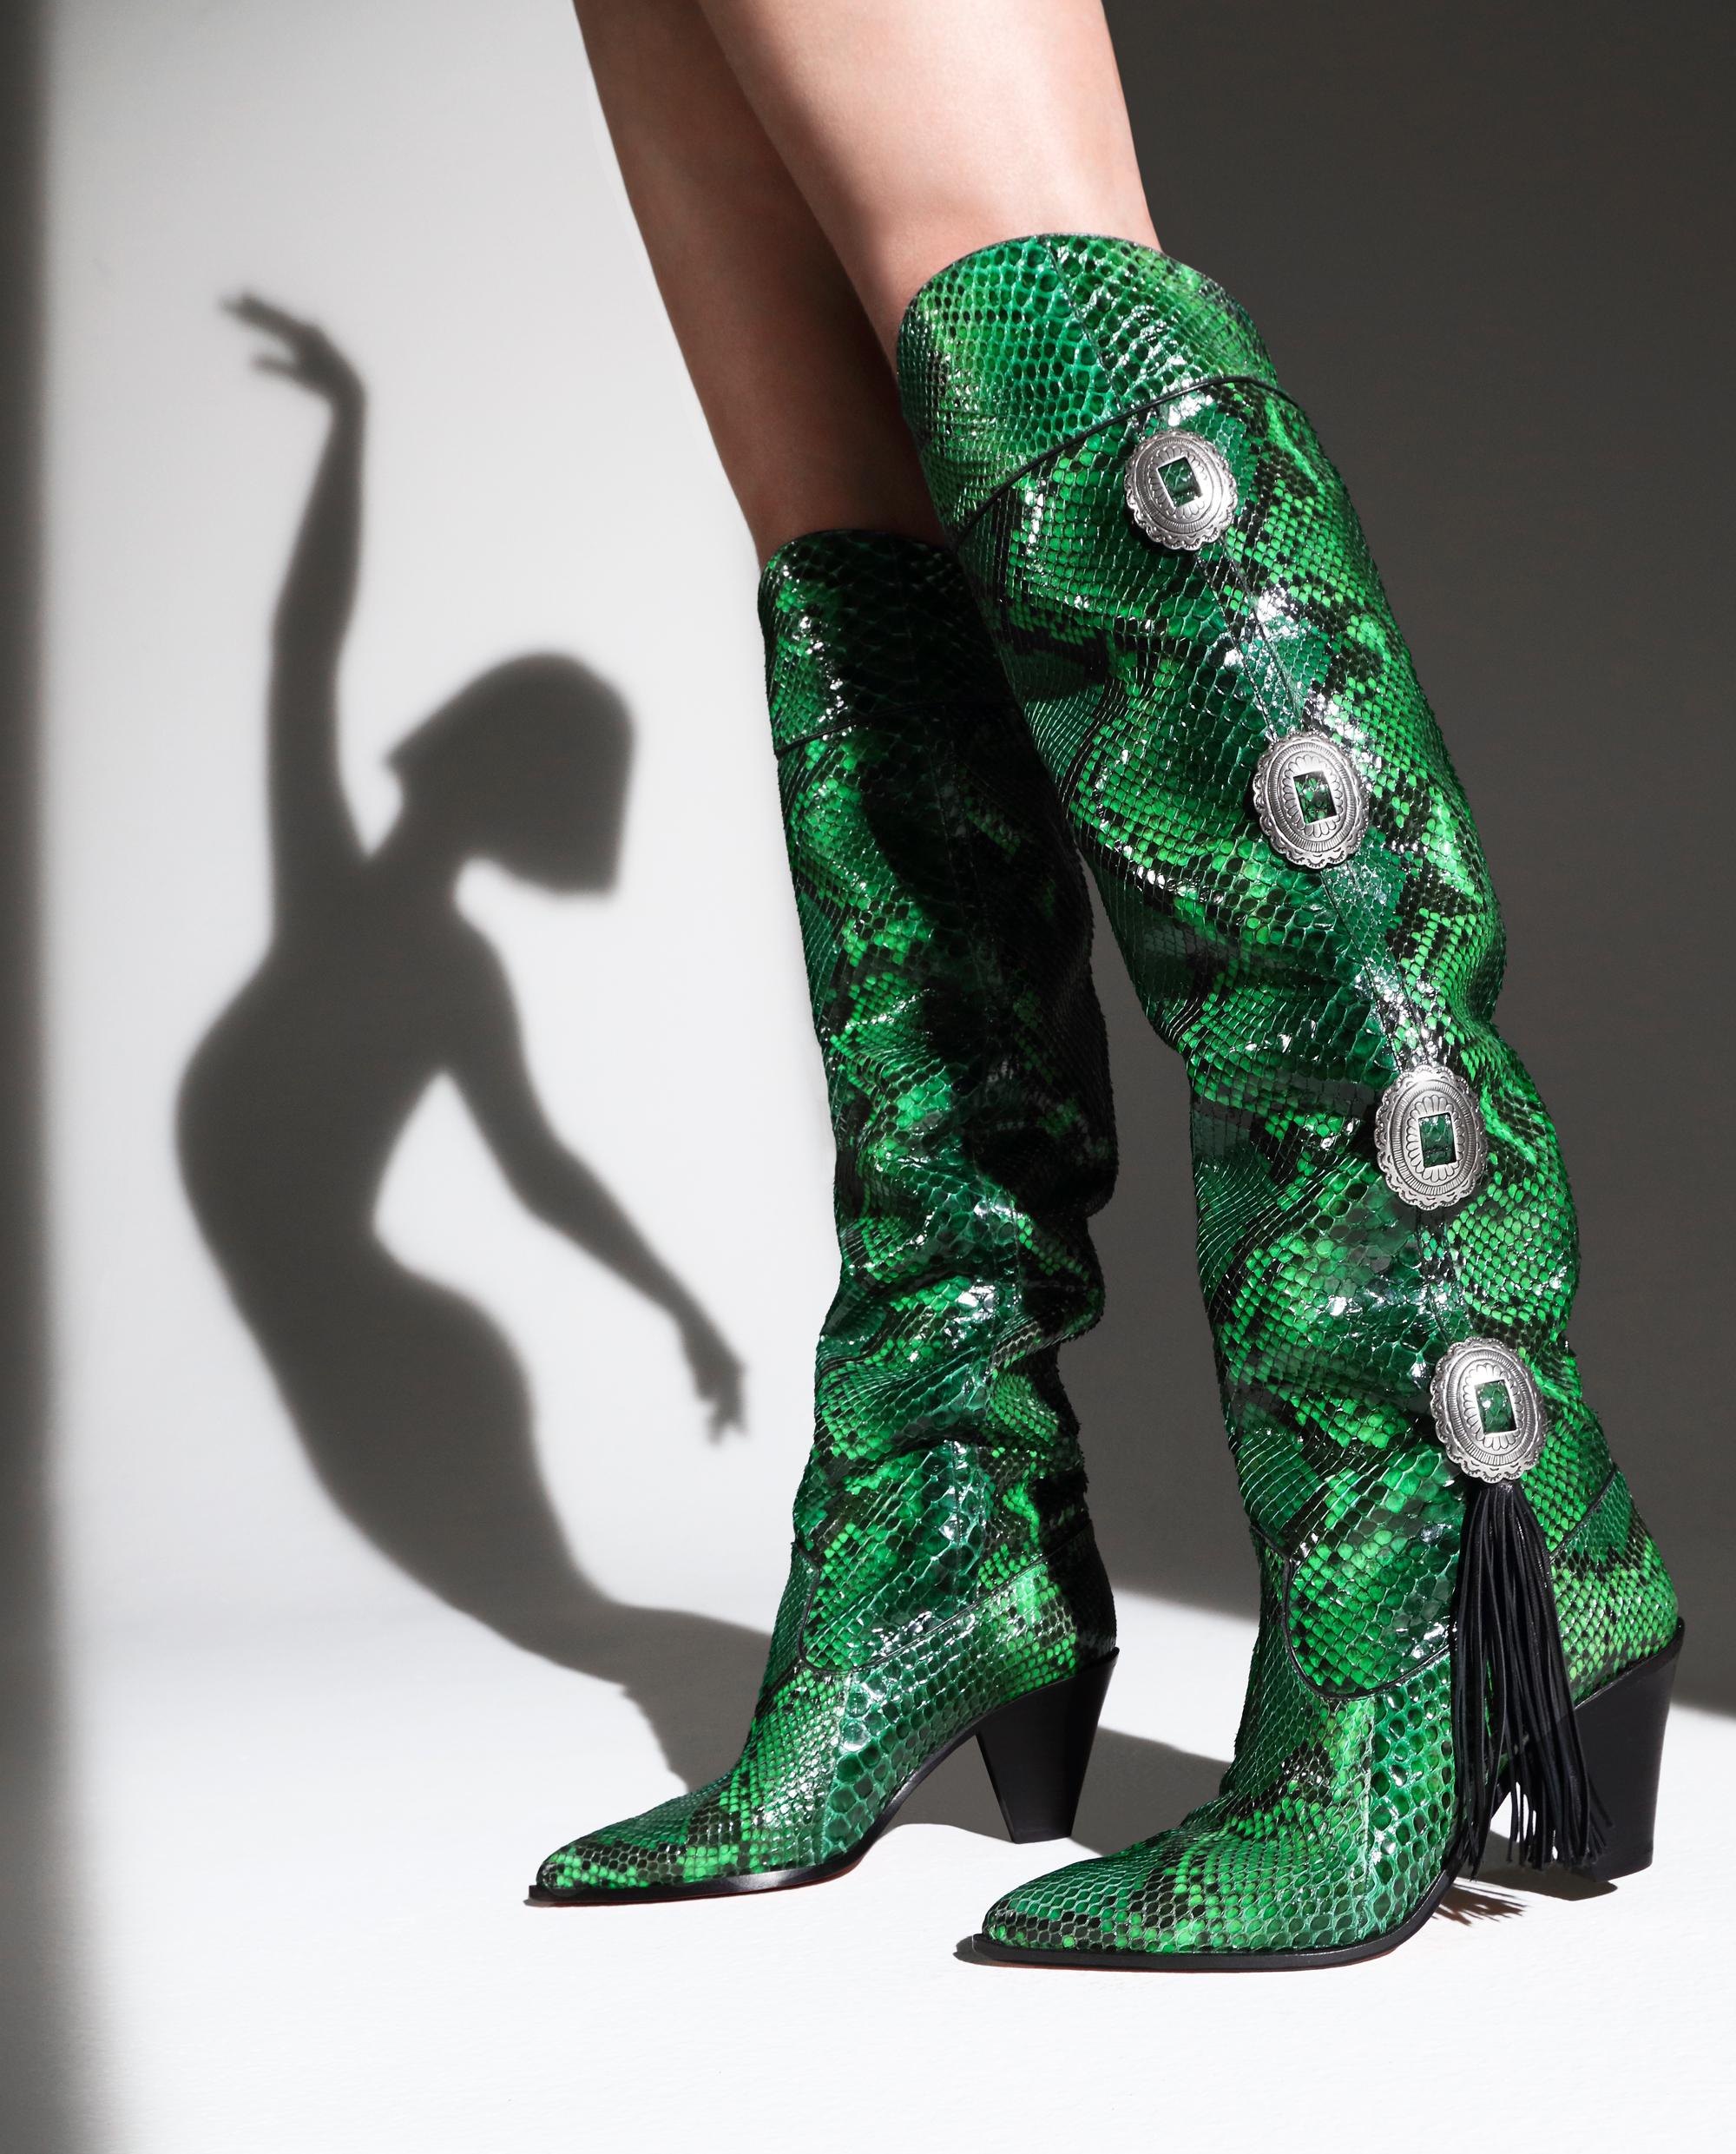 kowbojki aquazzura zielone wężowy print